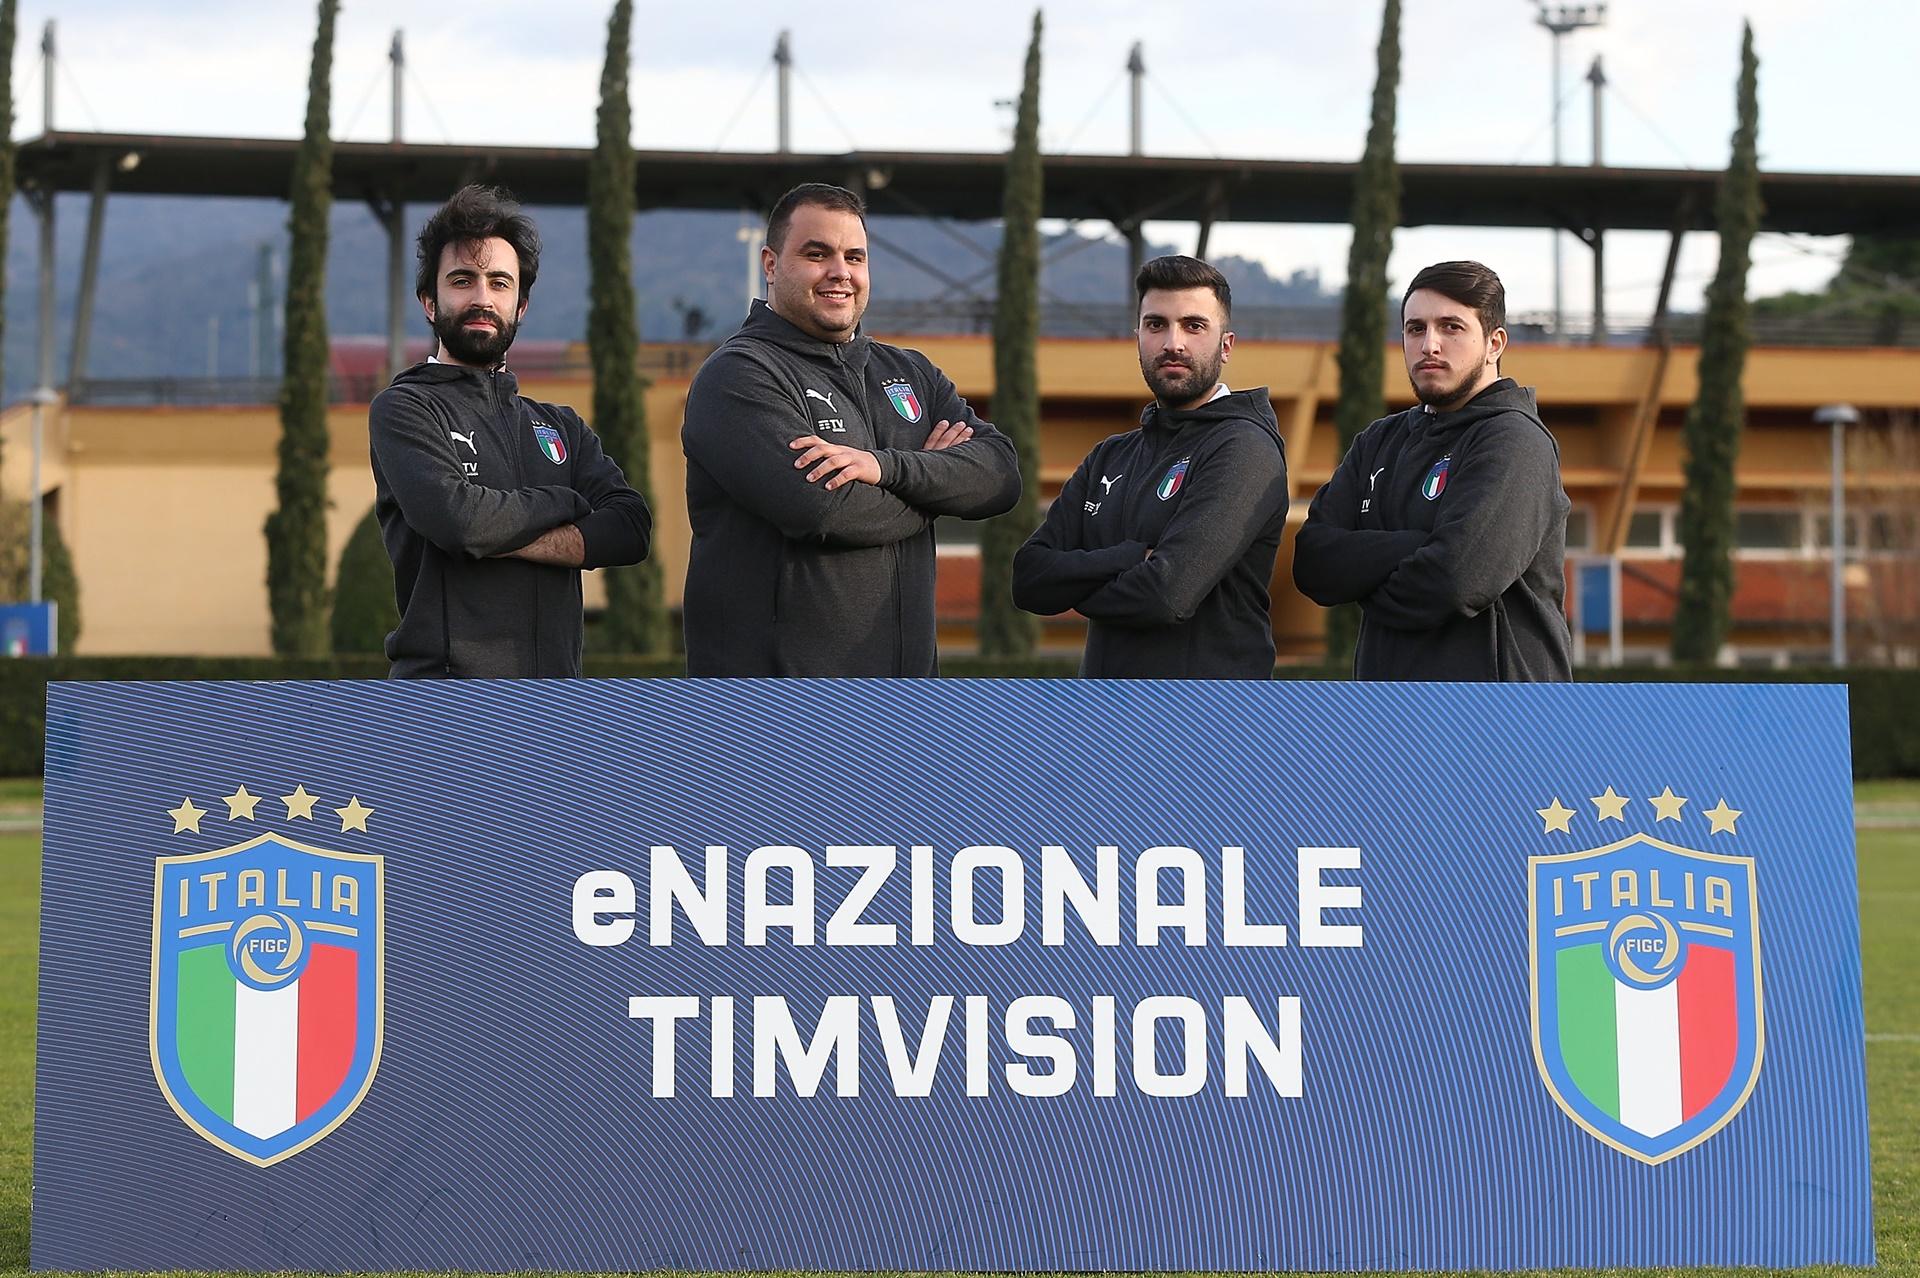 efootball pes 2020 italia